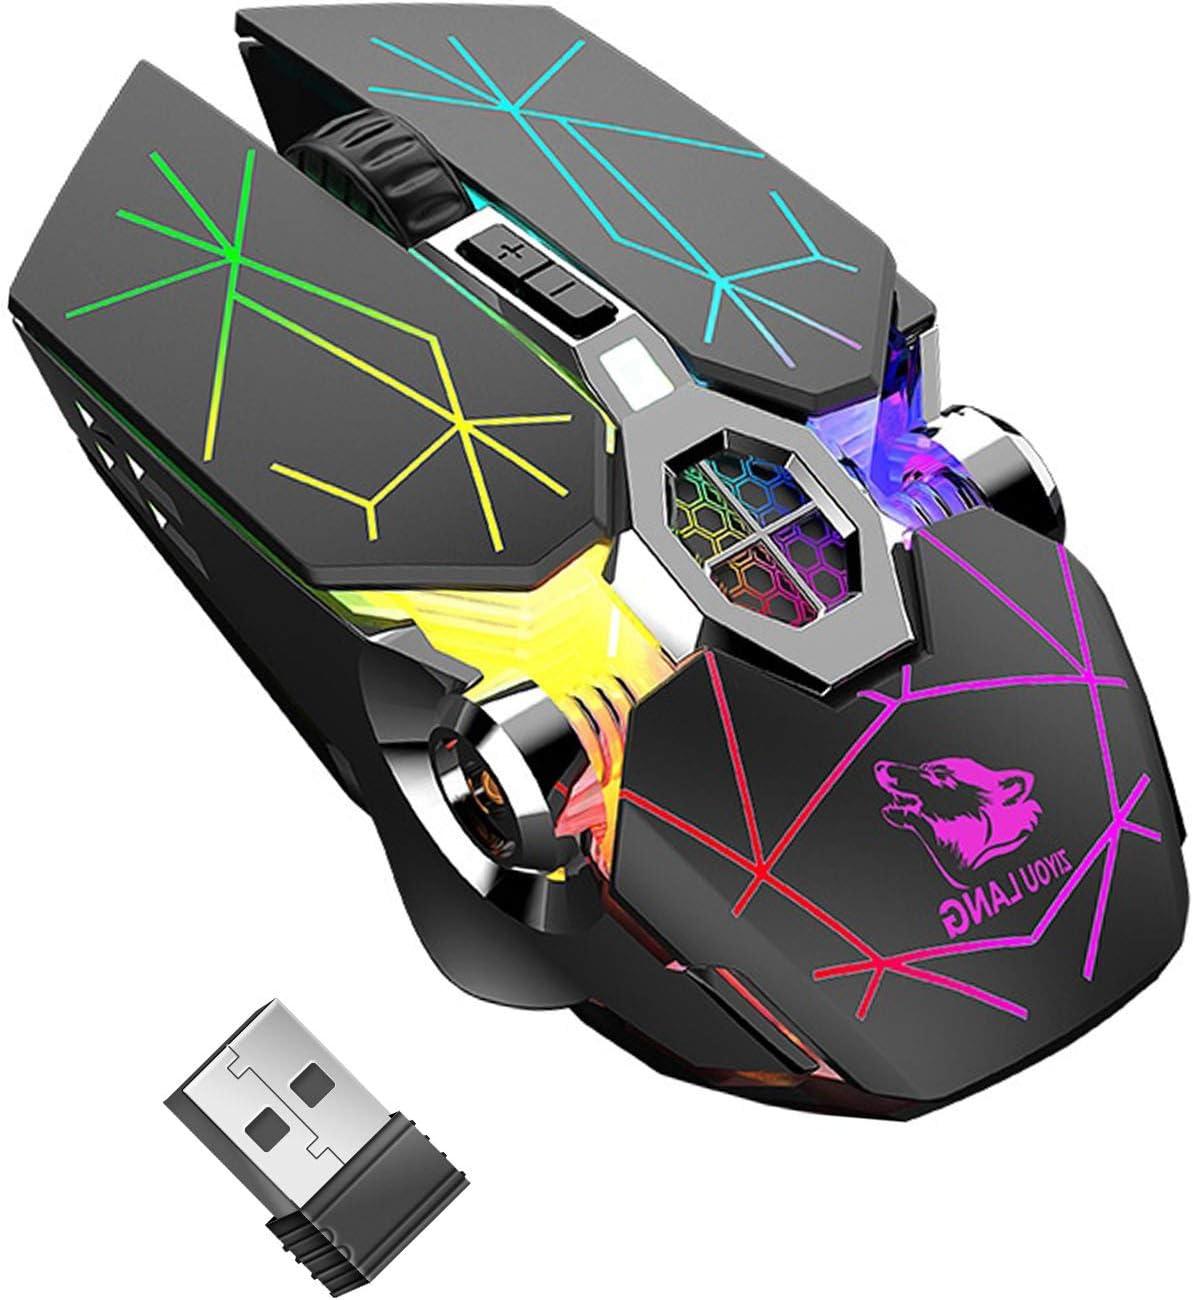 Ratón inalámbrico para juegos, RGB multicolor recargable y silencioso, accesorios para ordenador, para juegos en casa, oficina, 7 botones, múltiples funciones, color negro